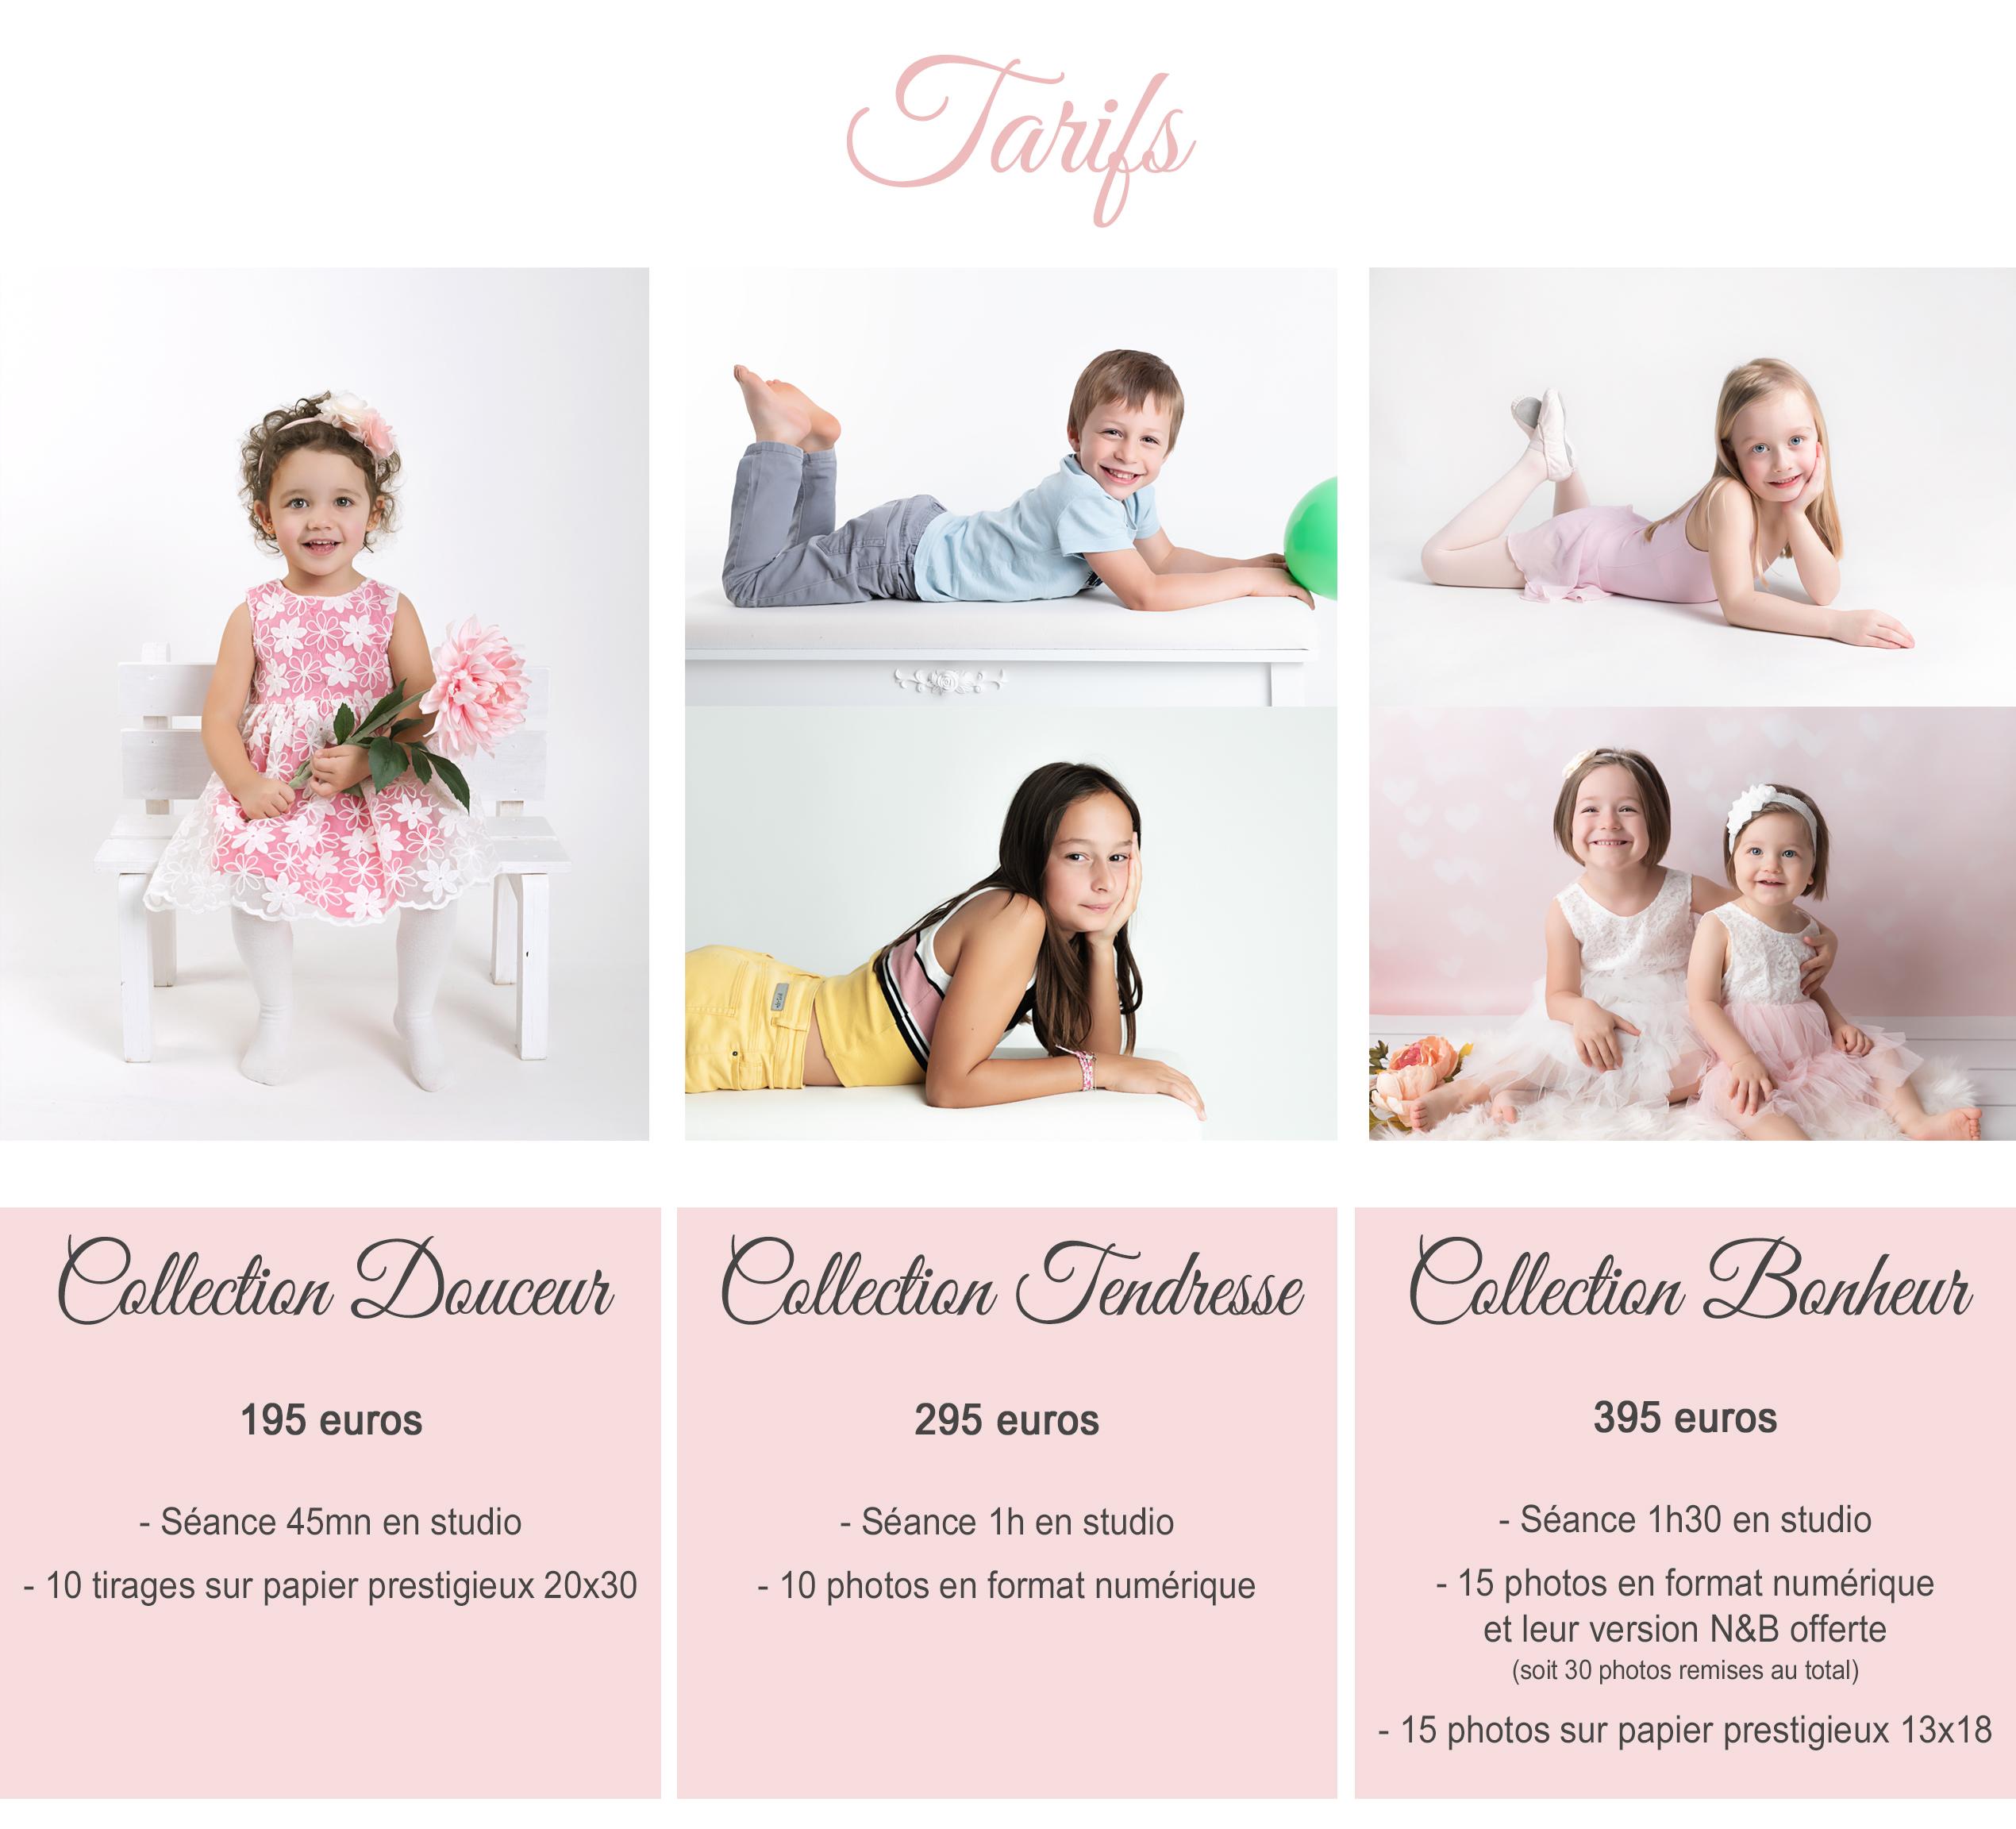 tarifs de votre photographe enfant en studio à Collonges dans l'Ain (01), Pays de Gex, Haute-Savoie ou Suisse